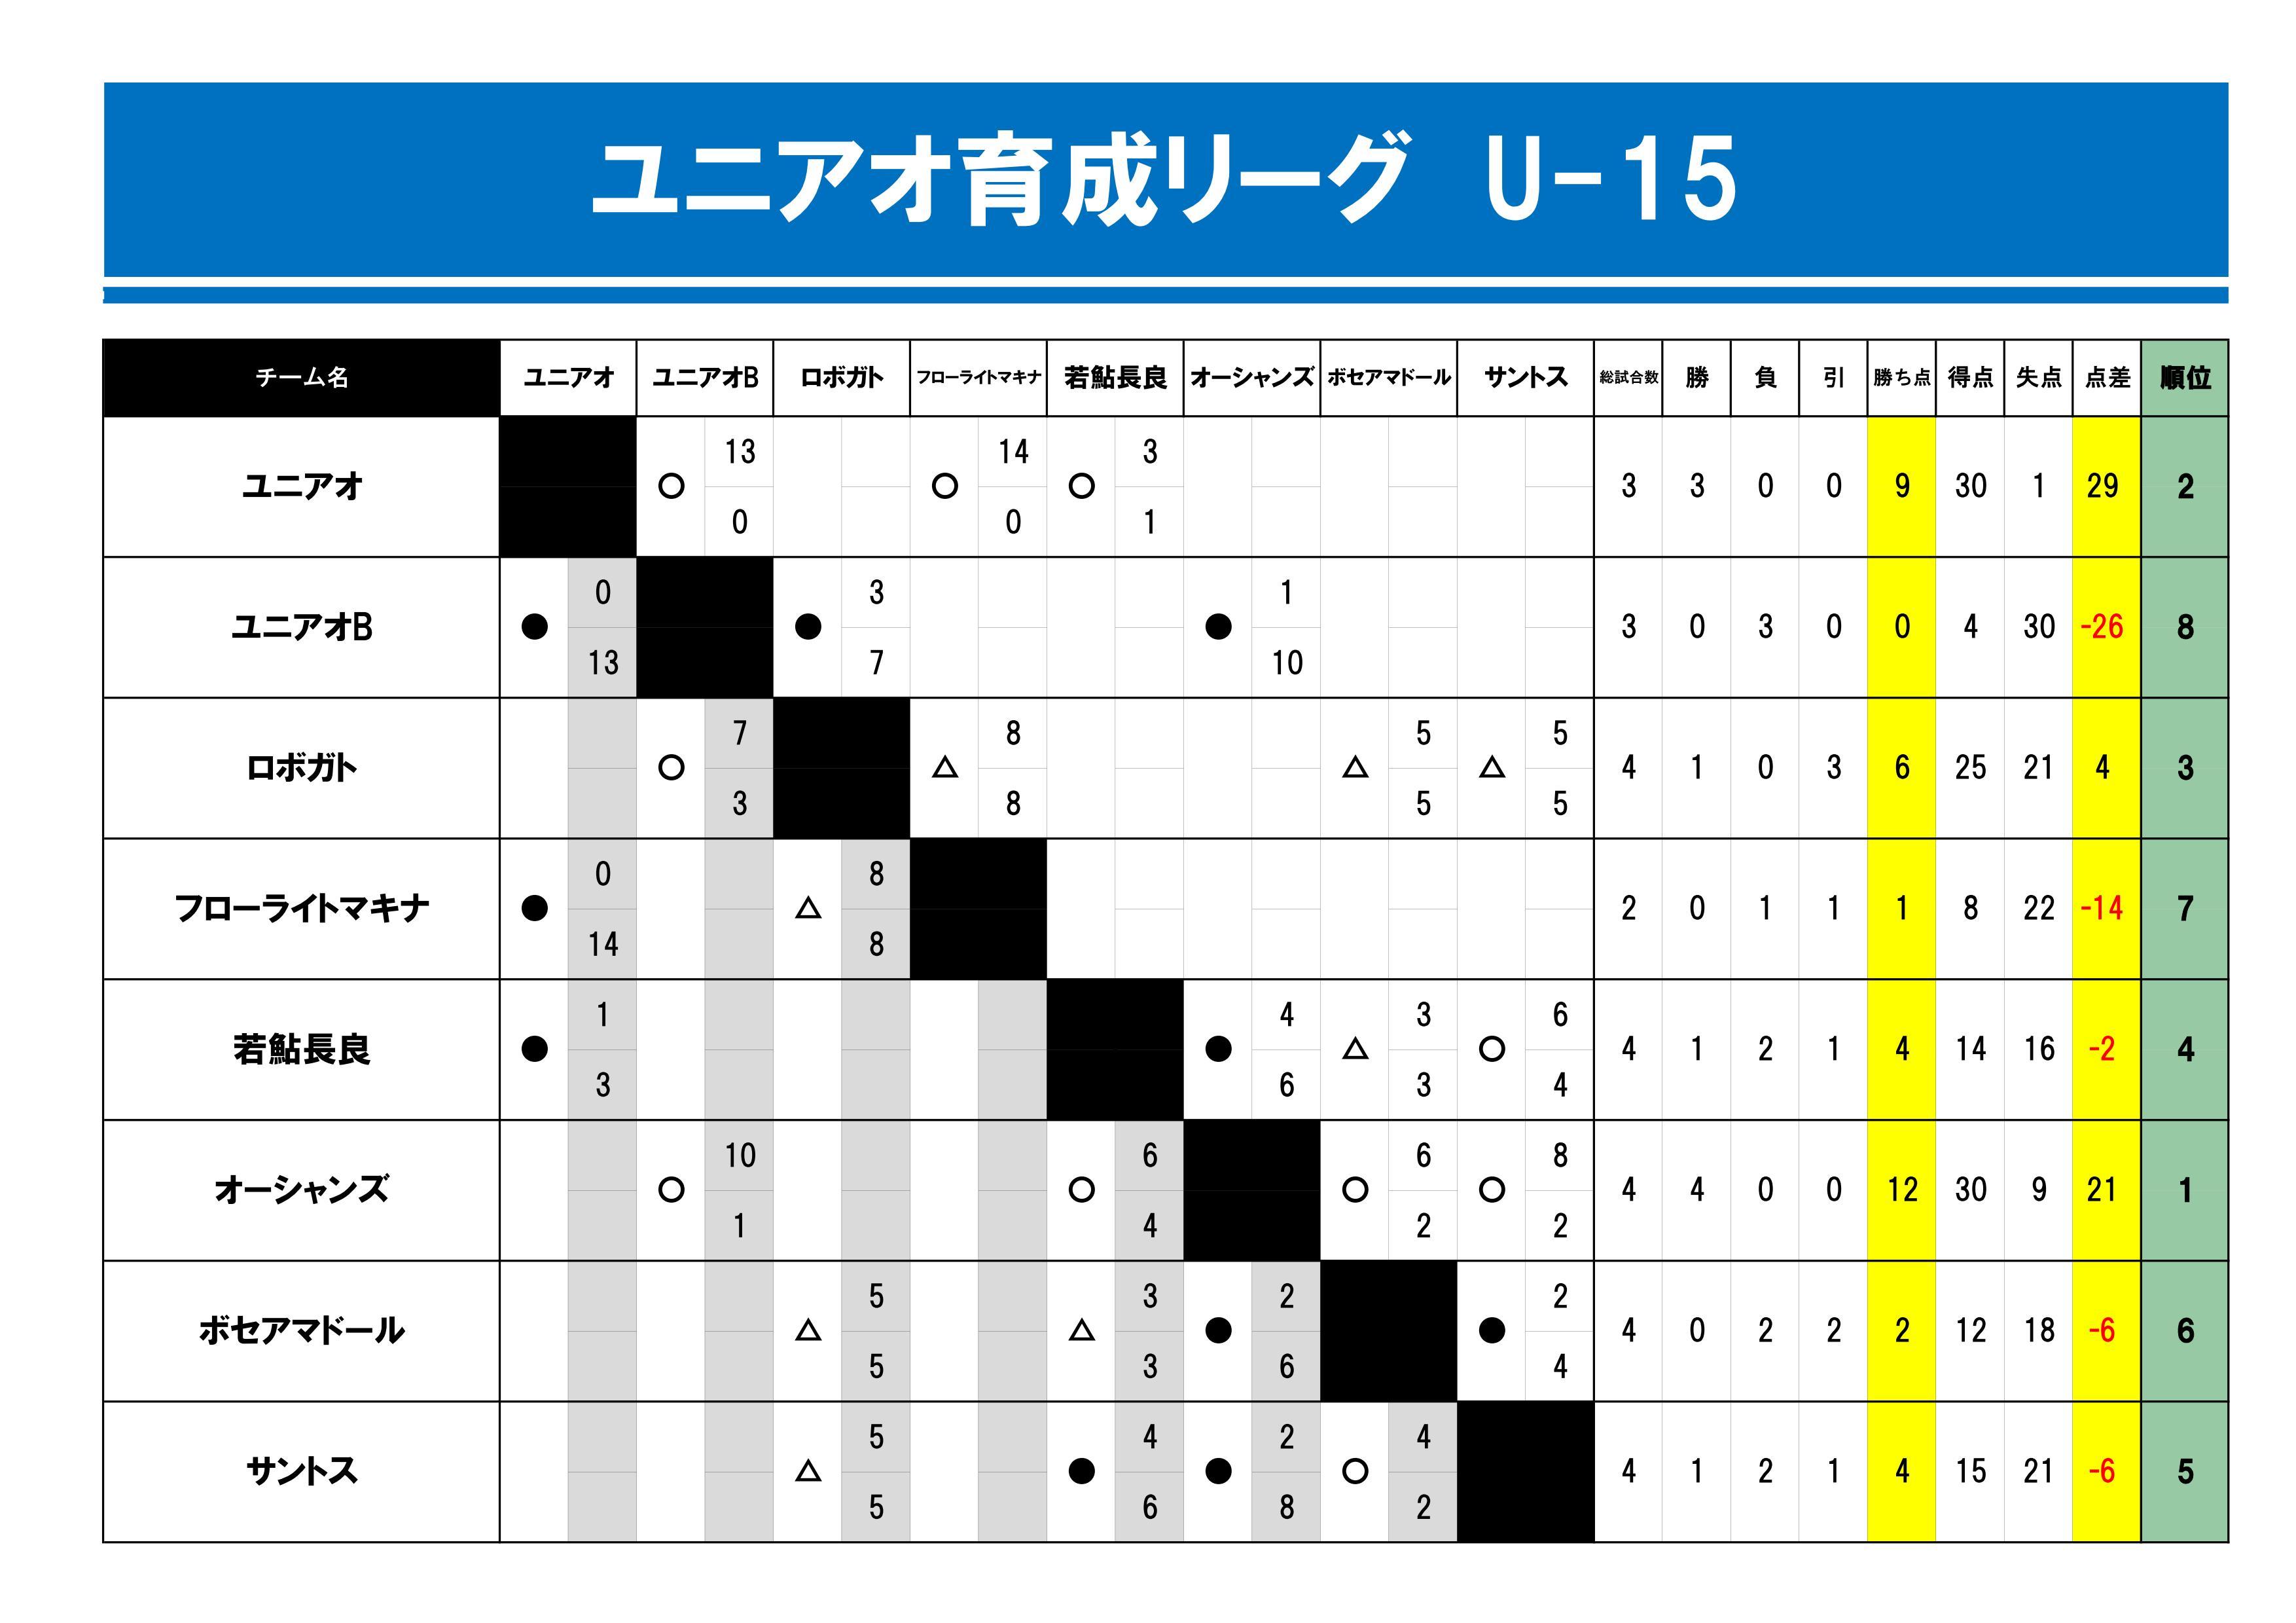 【2018.4】育成リーグU-15星_4